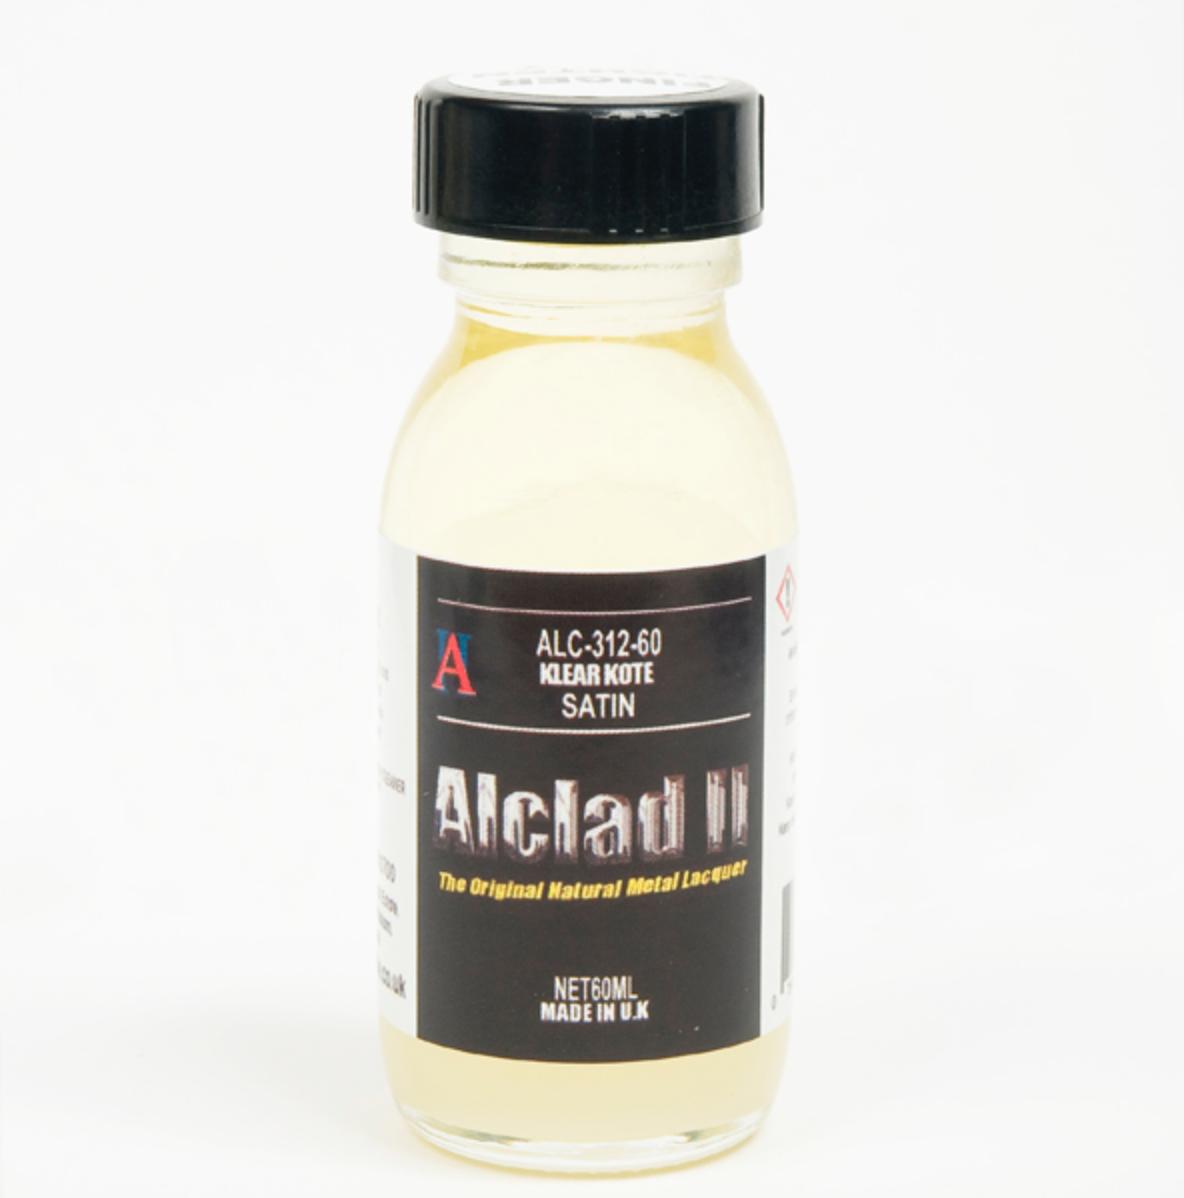 ALC312-60